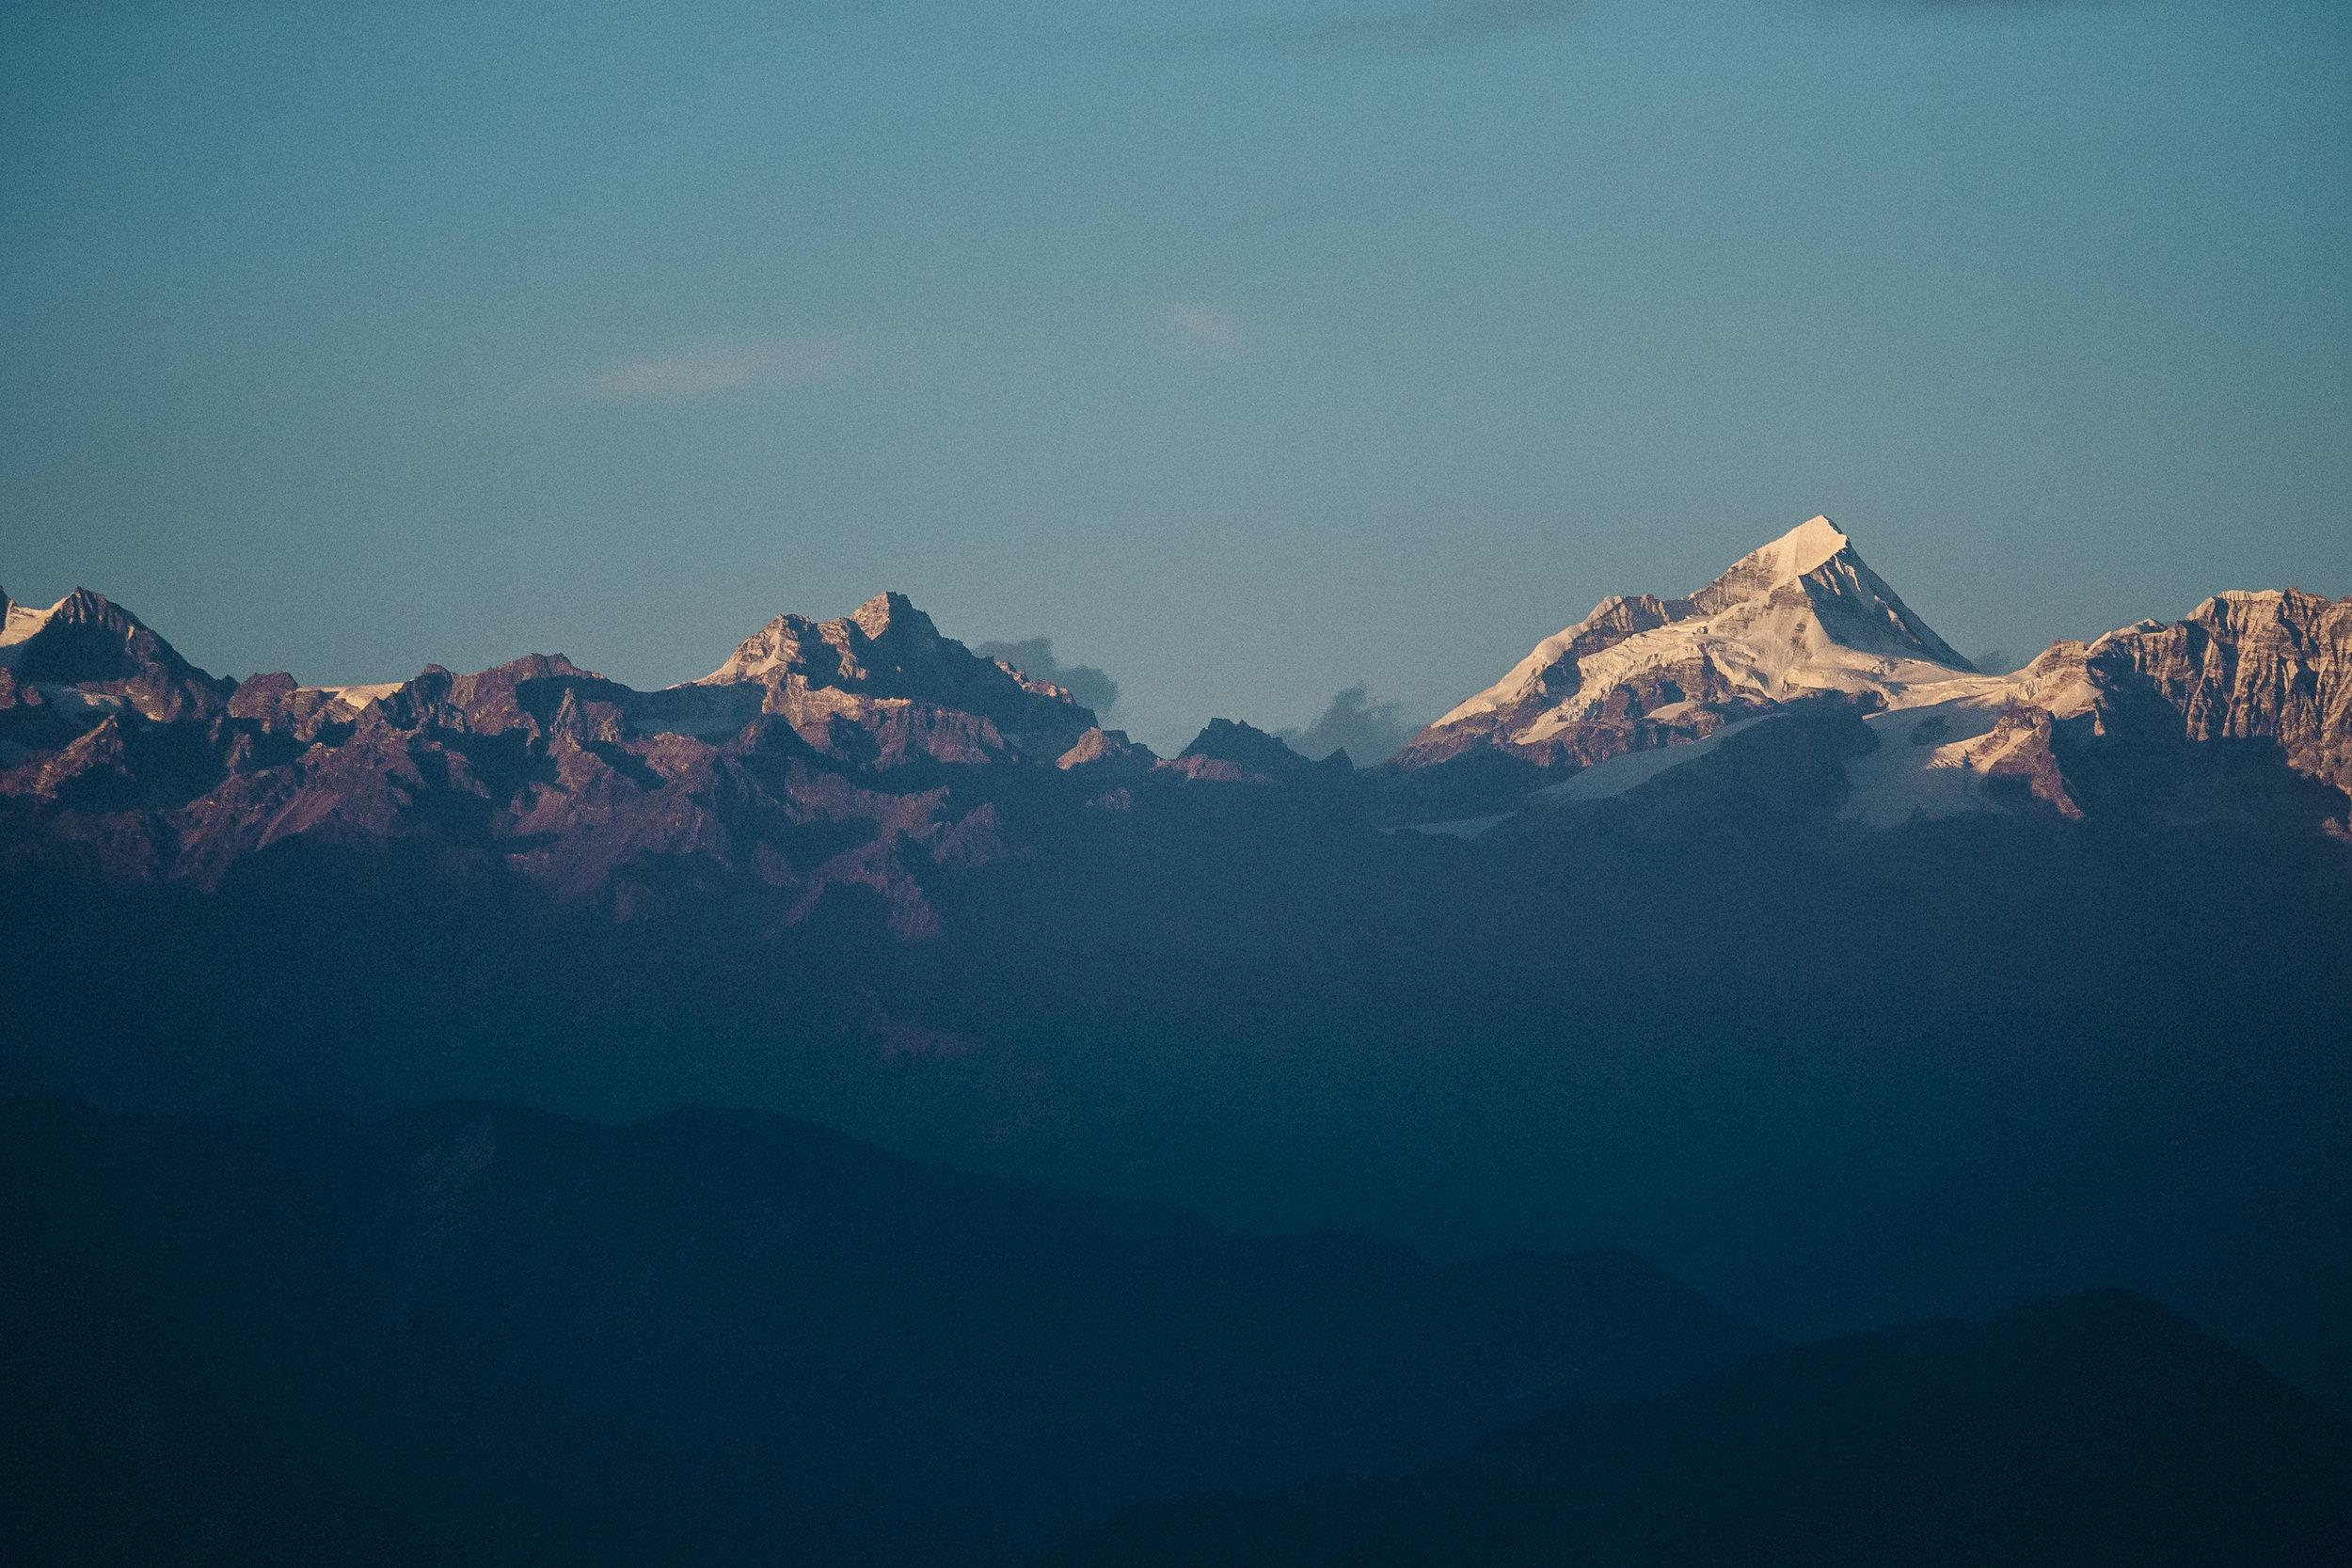 Himalayas - Nagarkot, Nepal - 2018